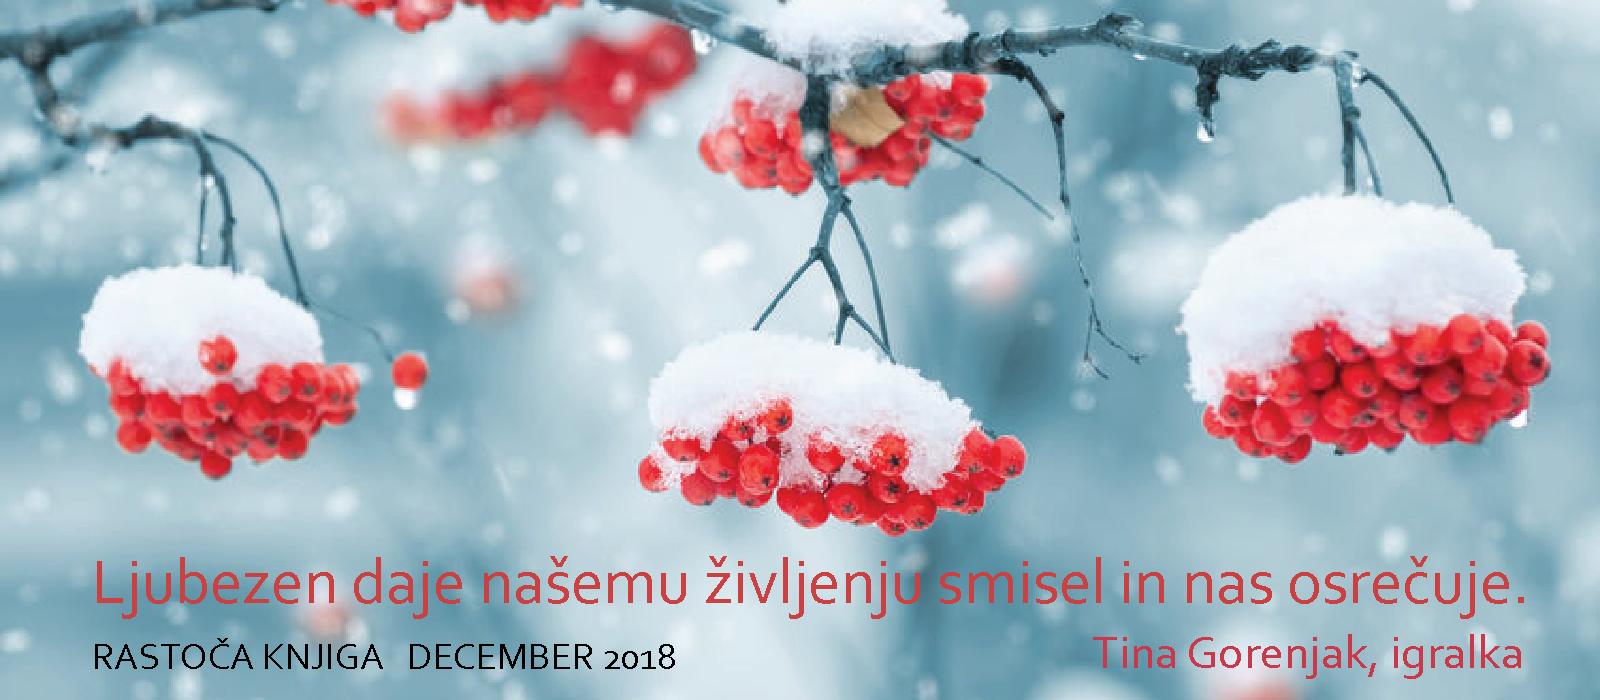 rastoča-knjiga-DECEMBER